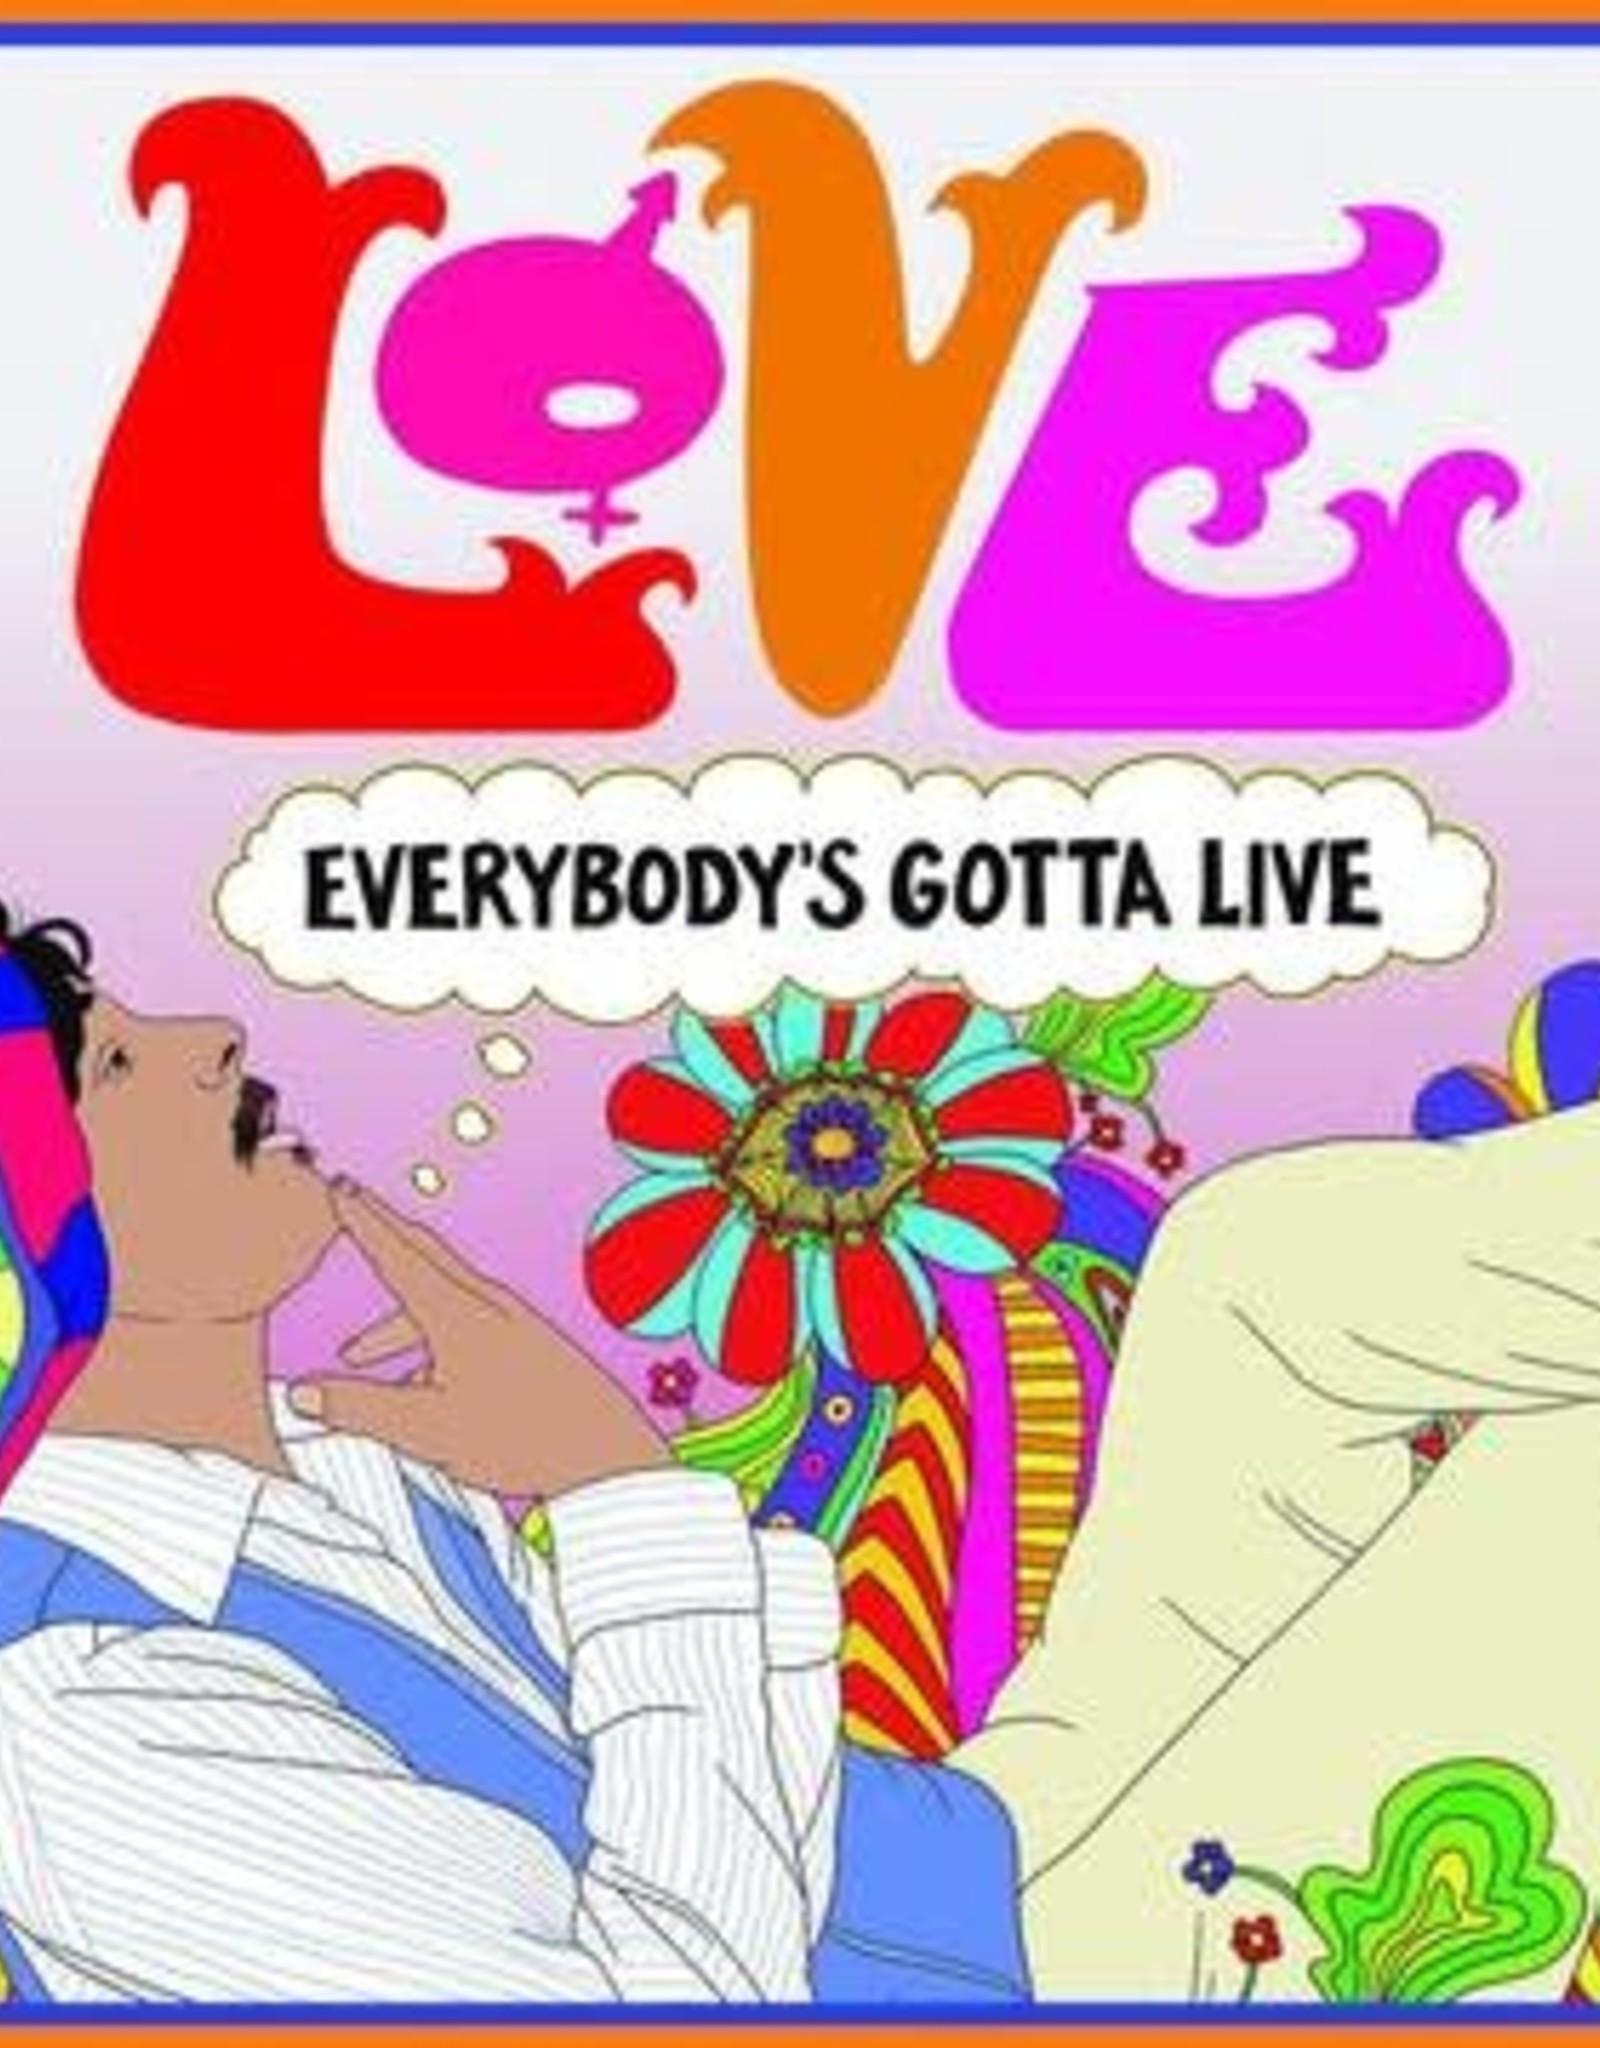 Love - Everybody's Gotta Live (RSD 7/21)